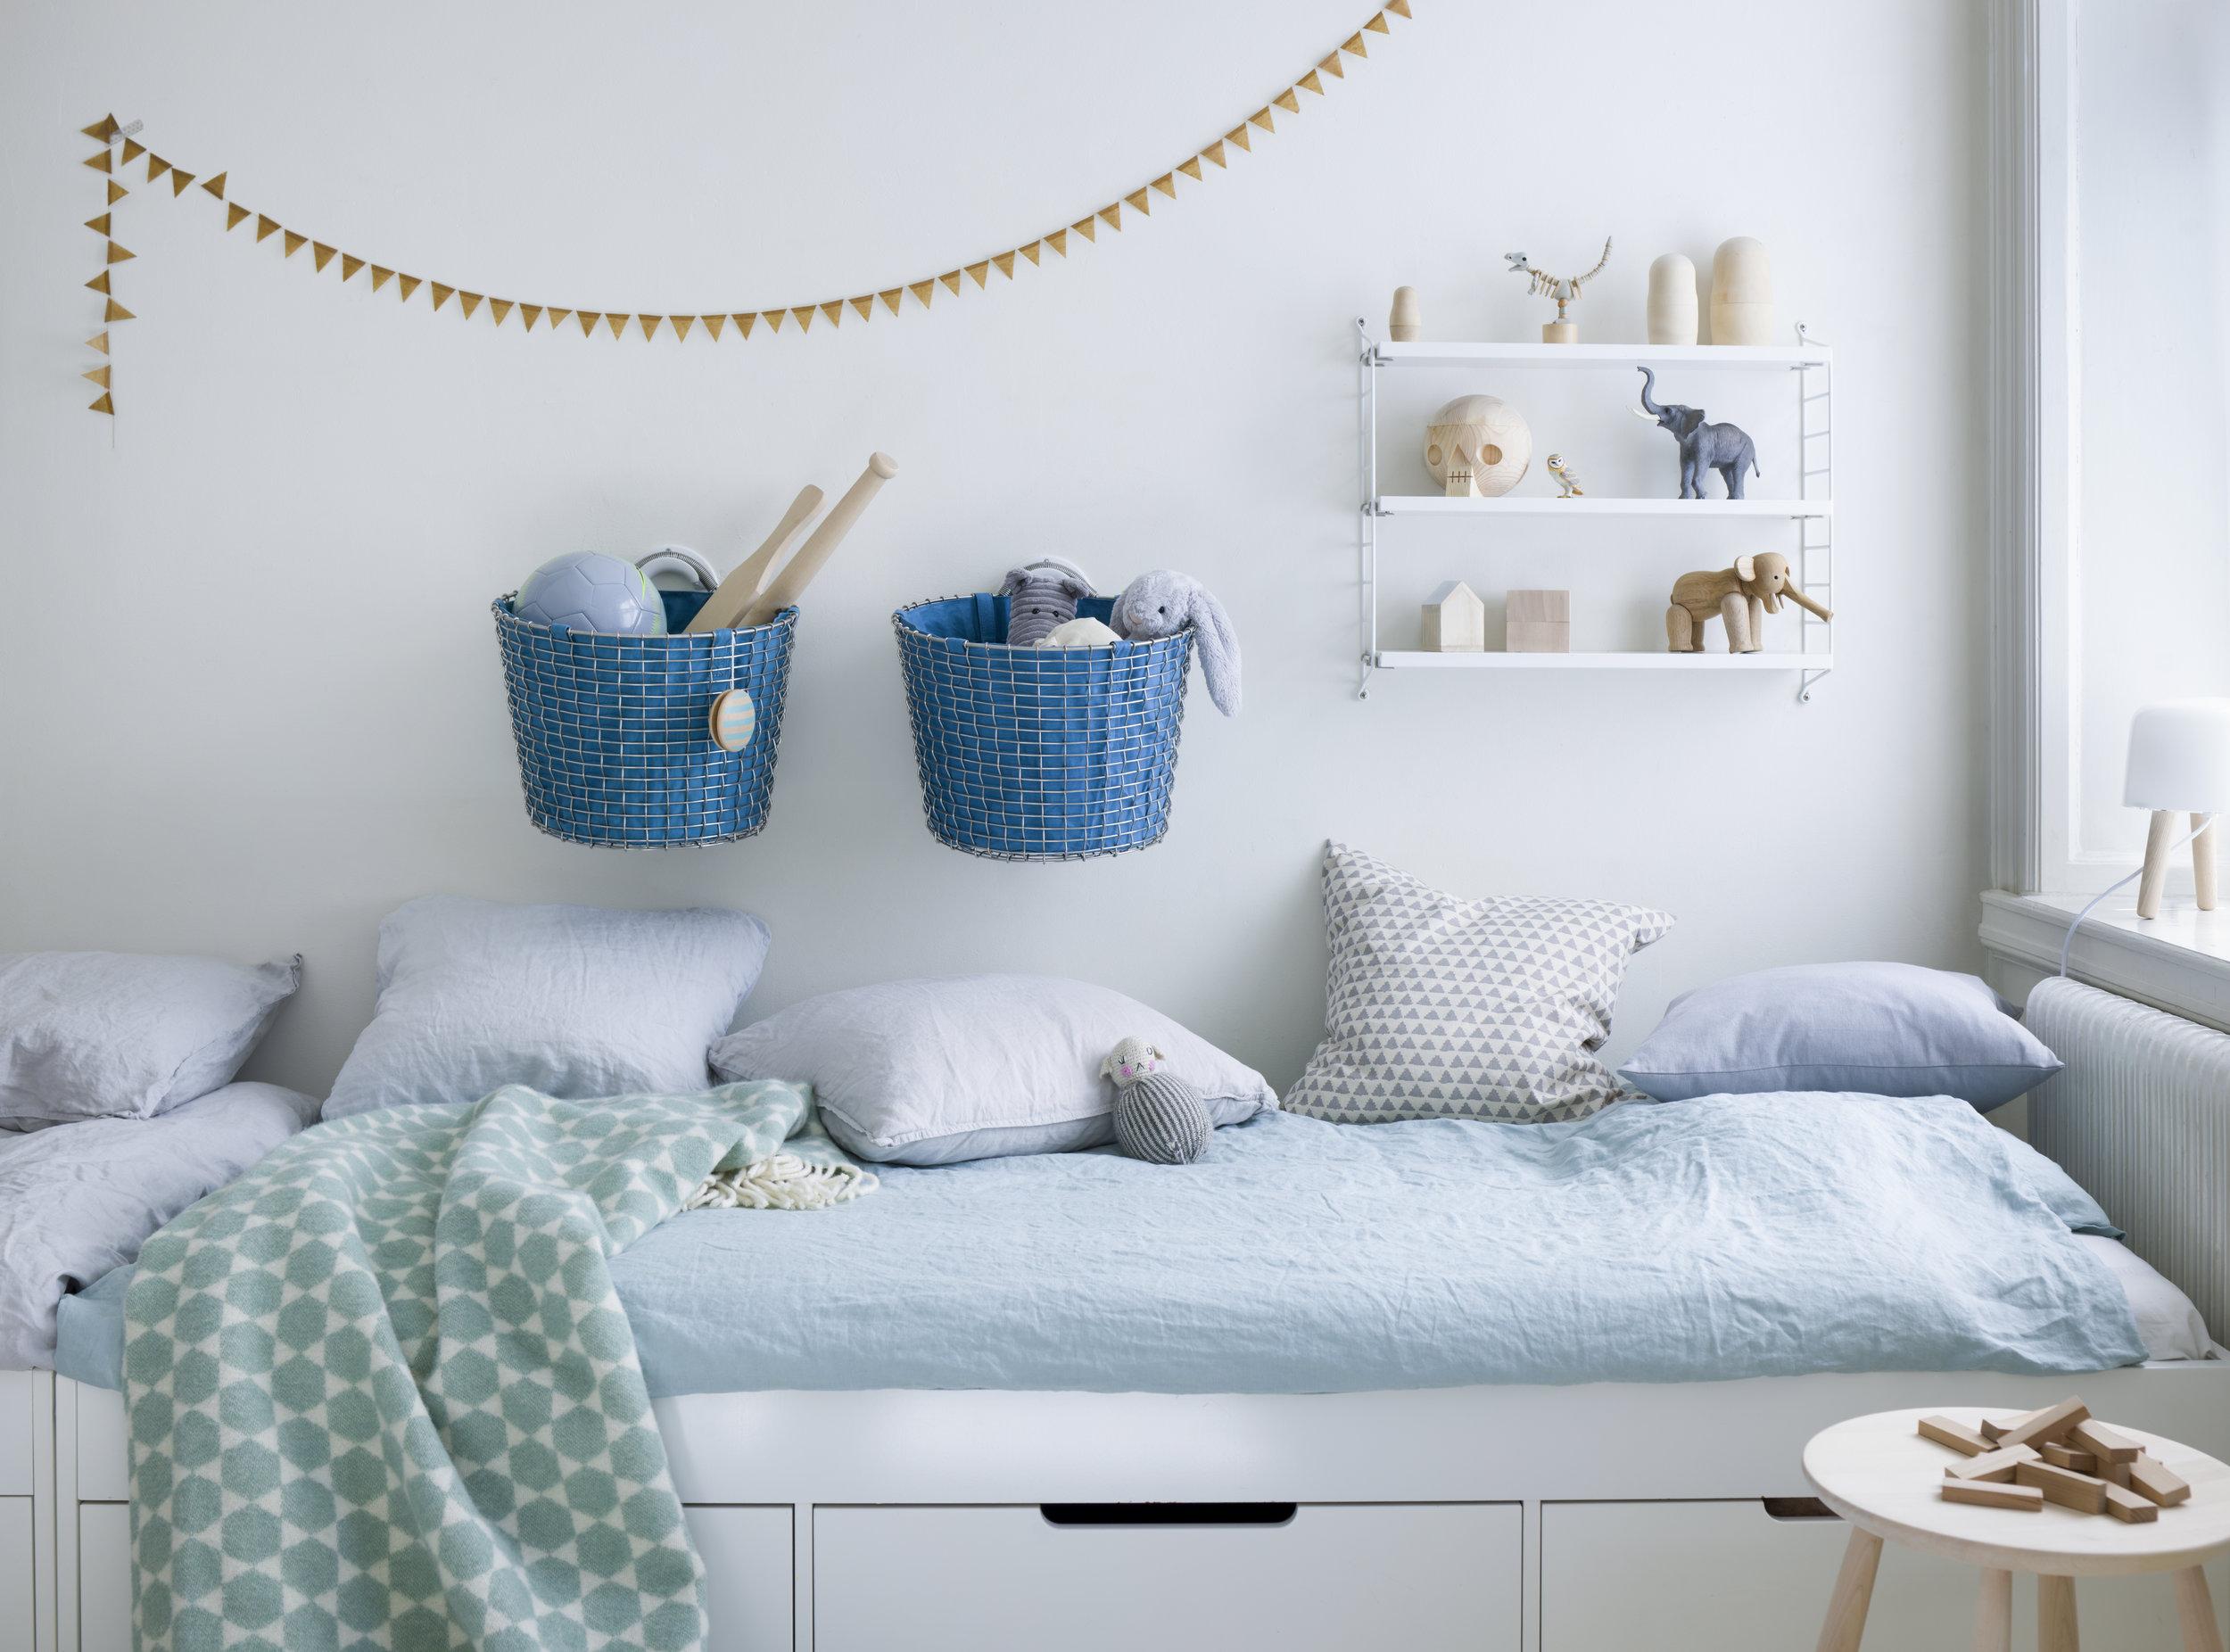 Bin 24, Basket liner - Childrens room landscape.jpg